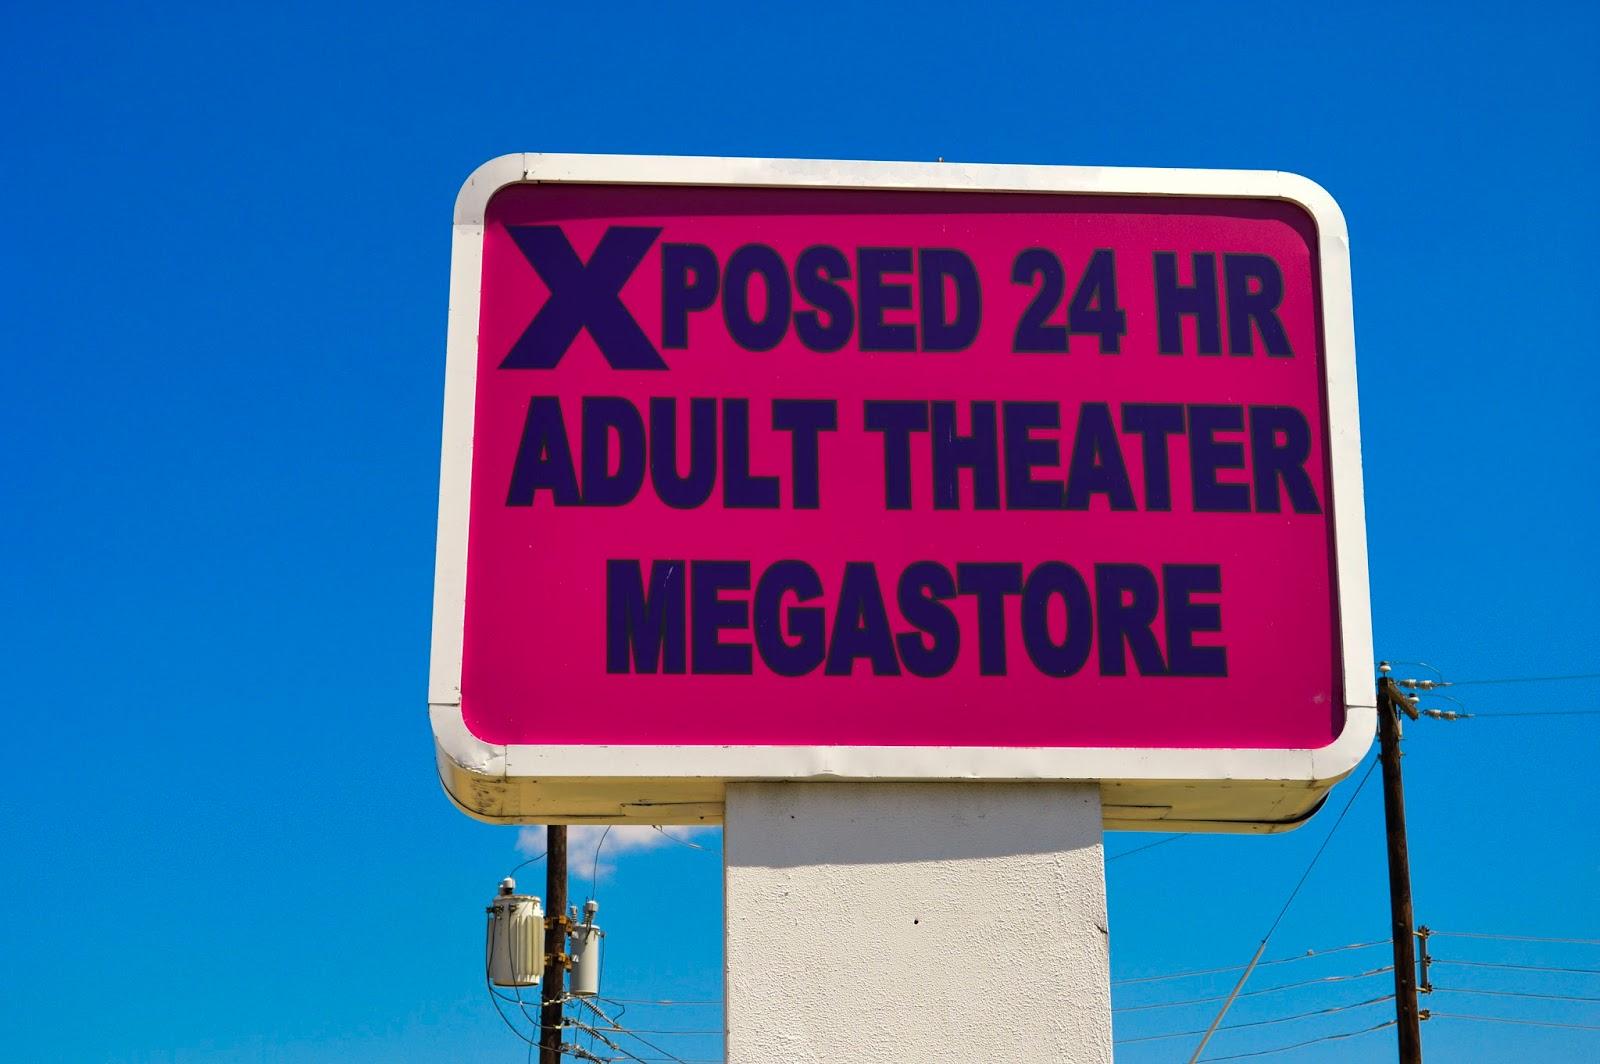 theaters in dallas Xxx